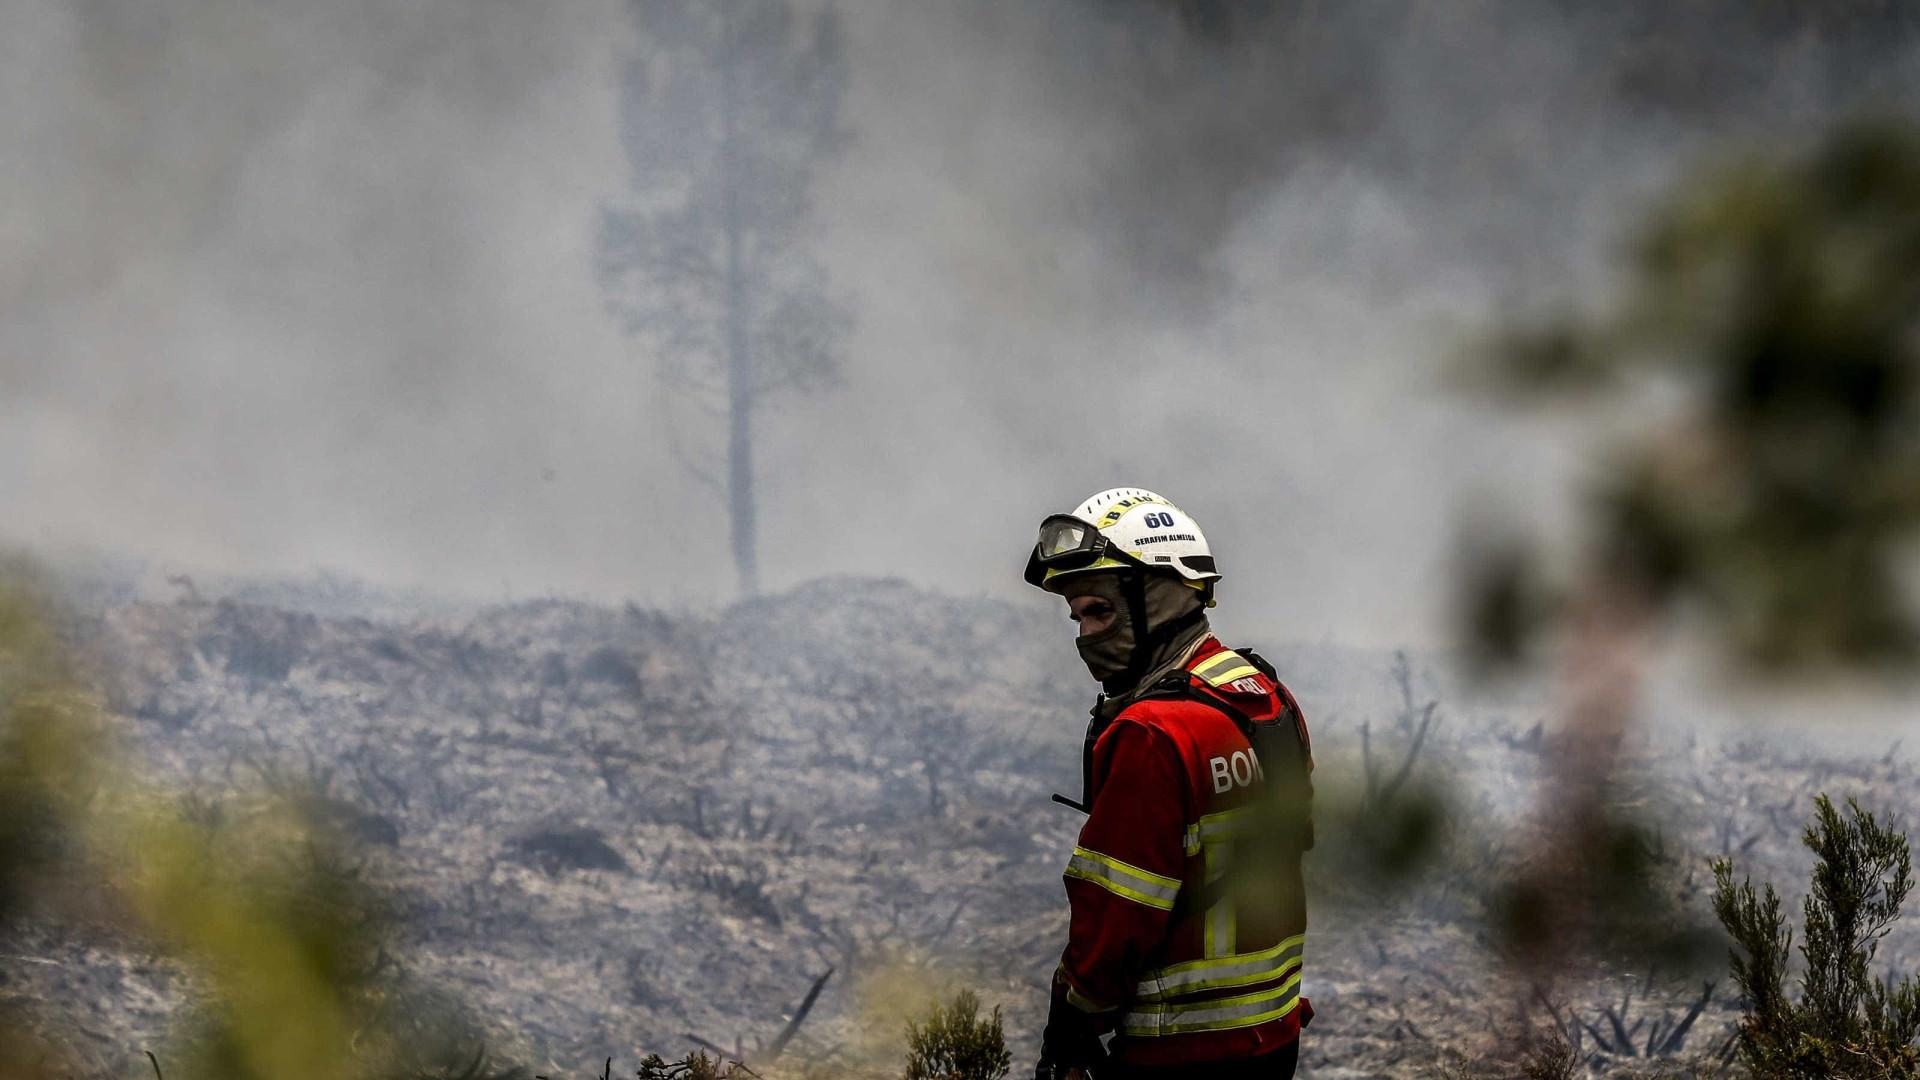 Bombeiros sentem falta dos Governos Civis na prevenção e no combate